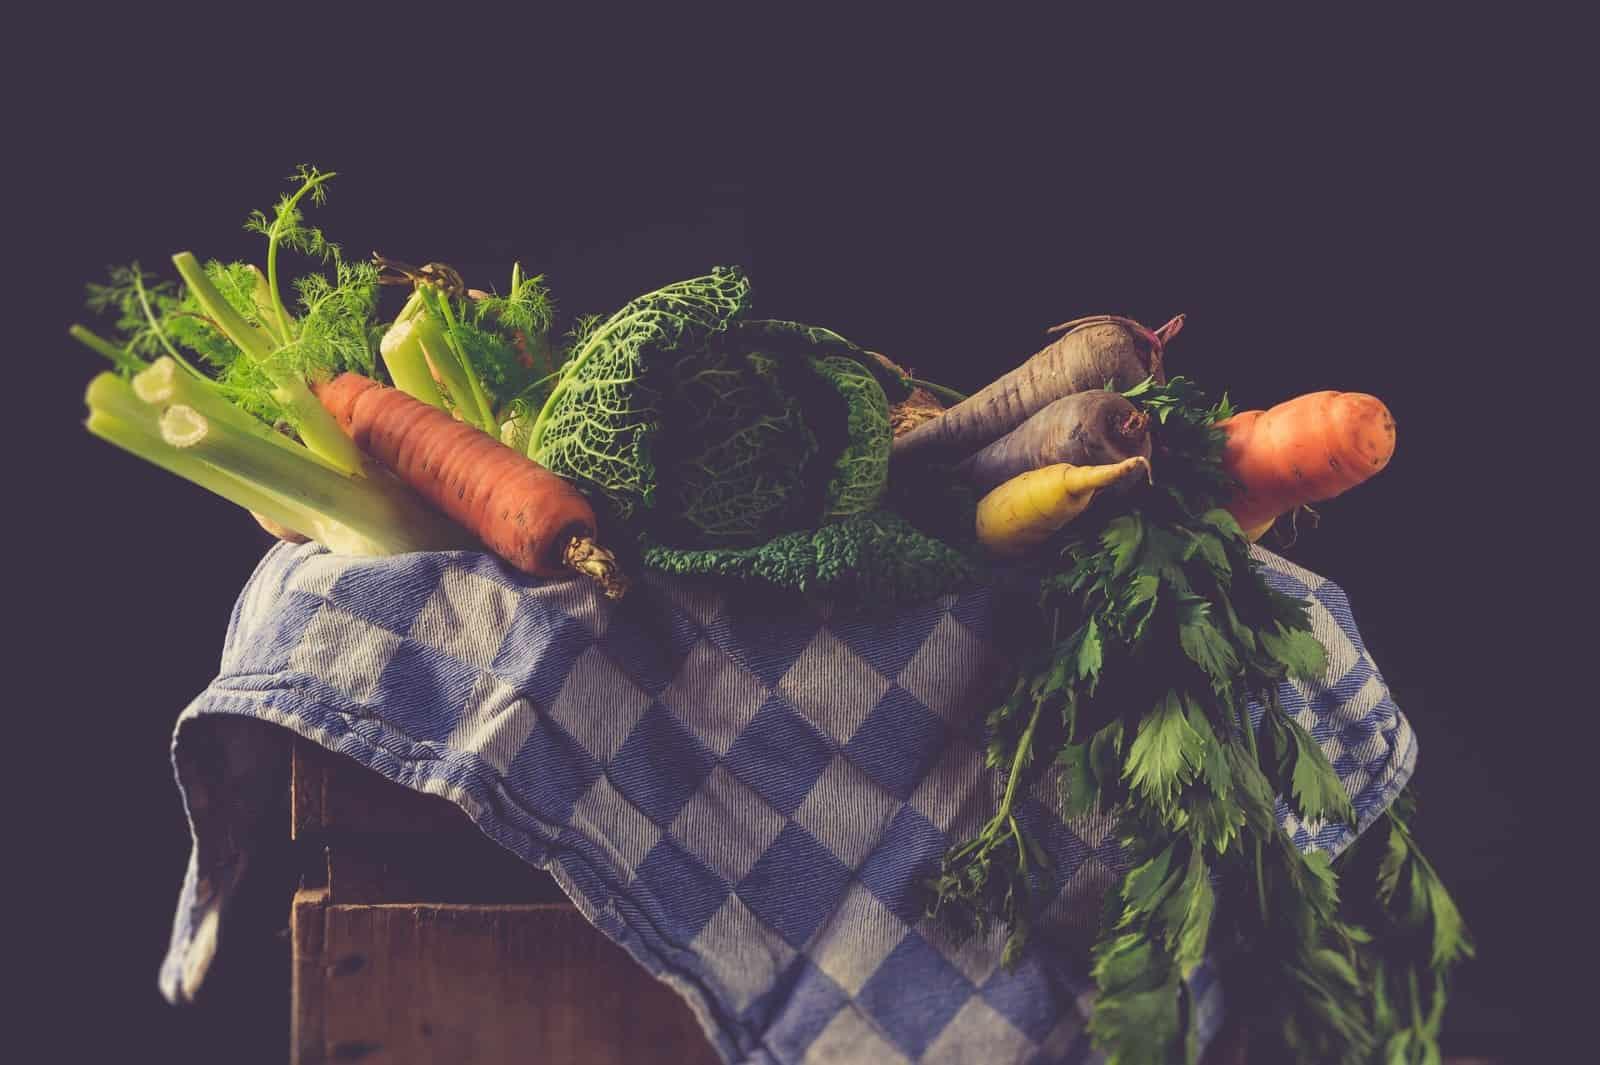 5 tägliche Gewohnheiten um schneller Gewicht zu verlieren